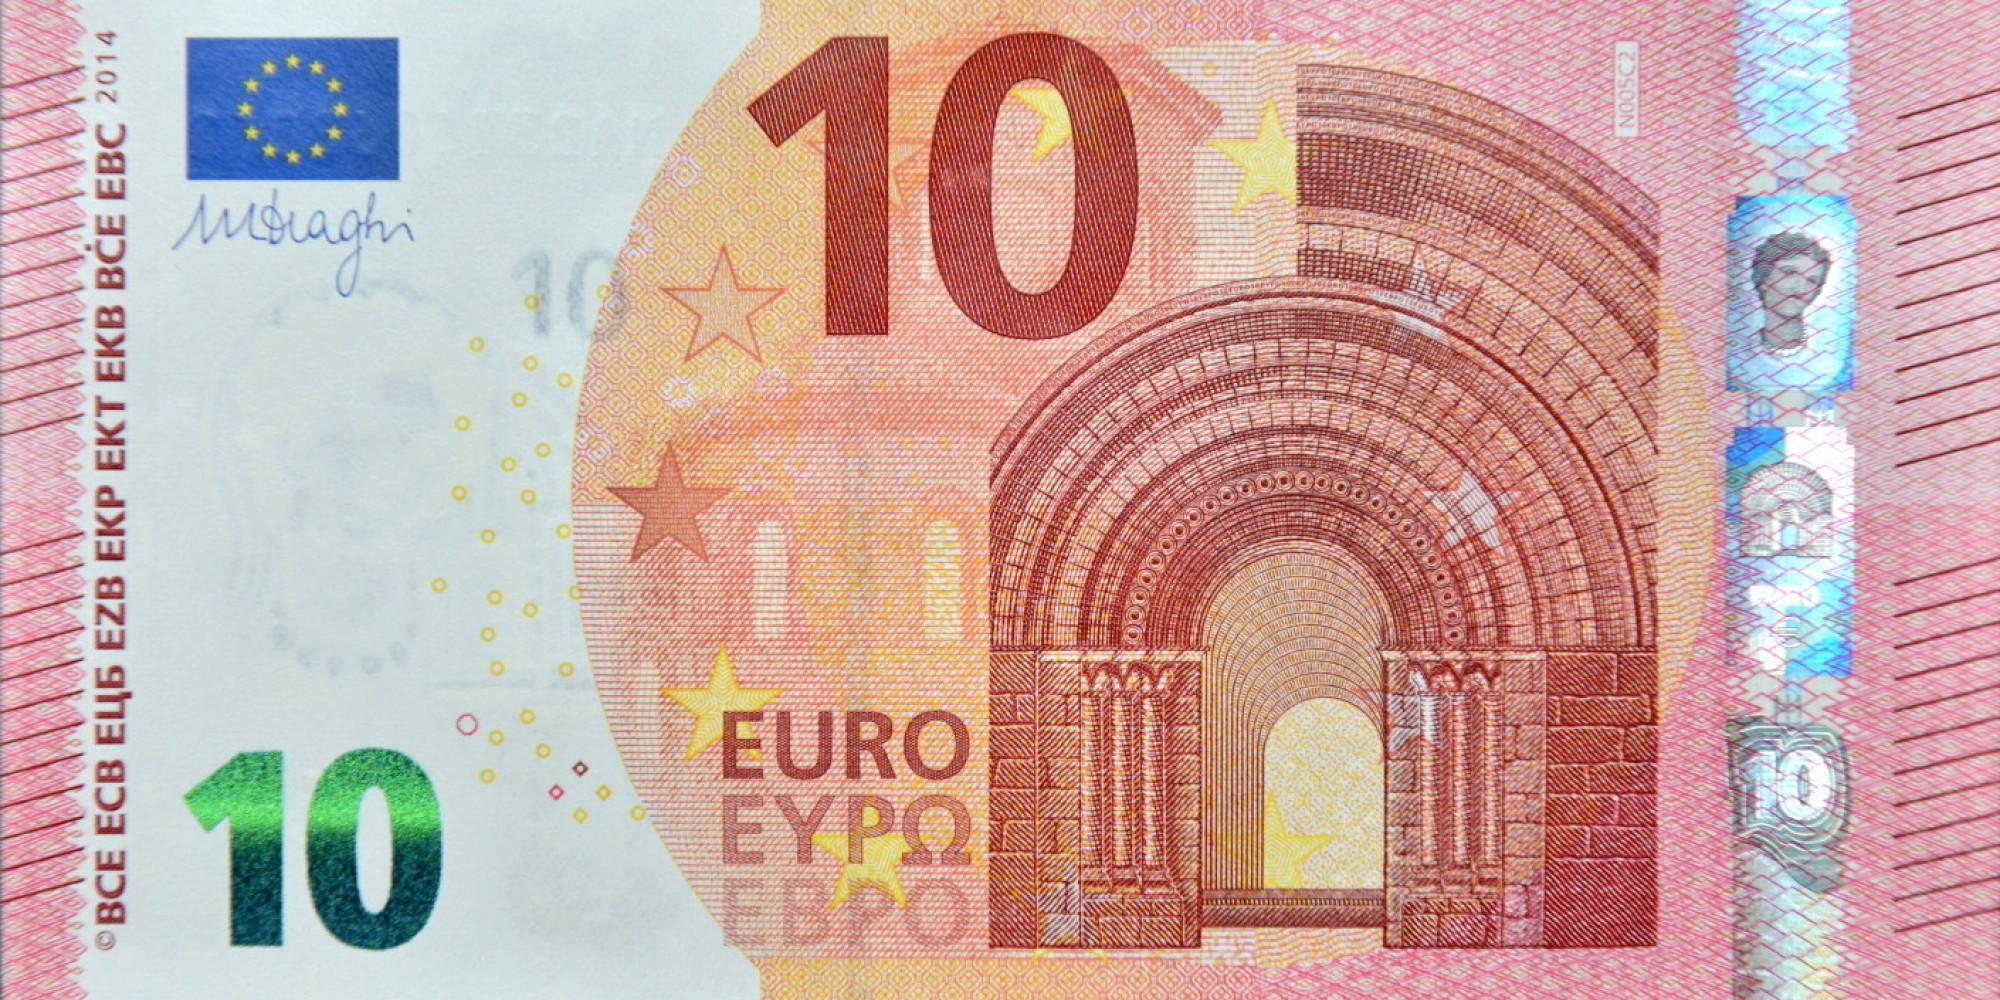 EUR 10